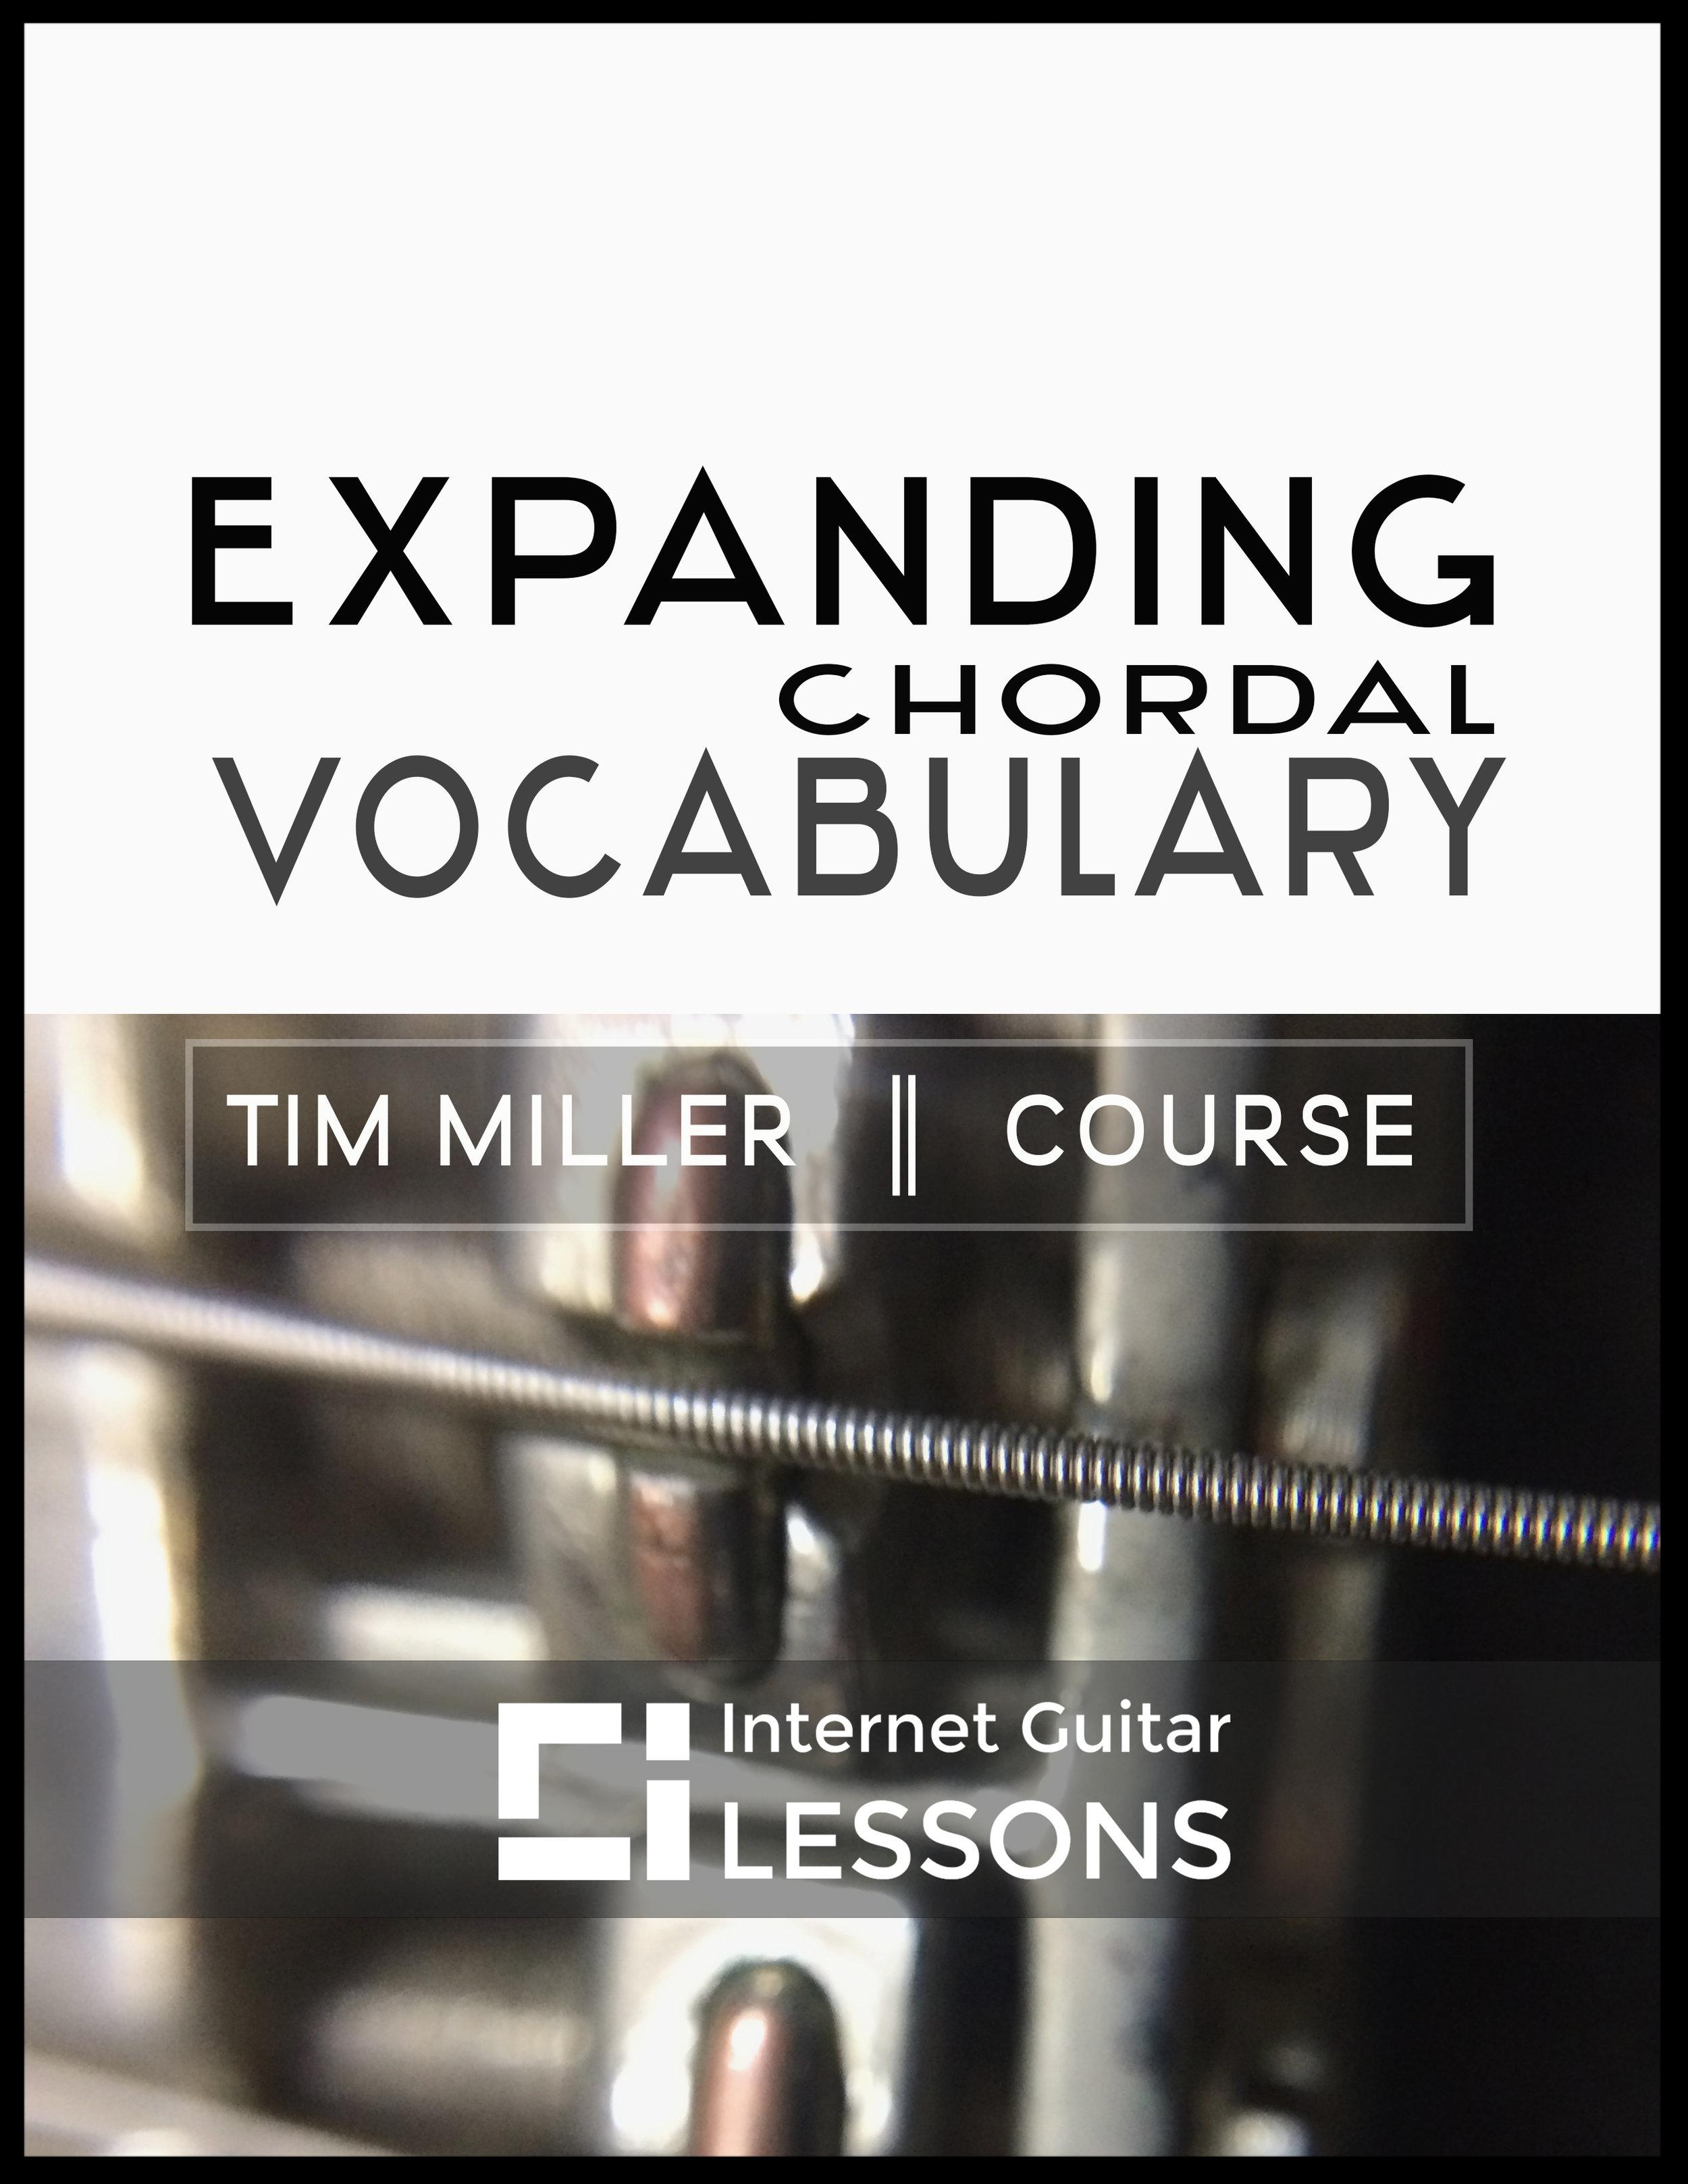 Expanding chordal vocabulary 1.17 flat.jpg